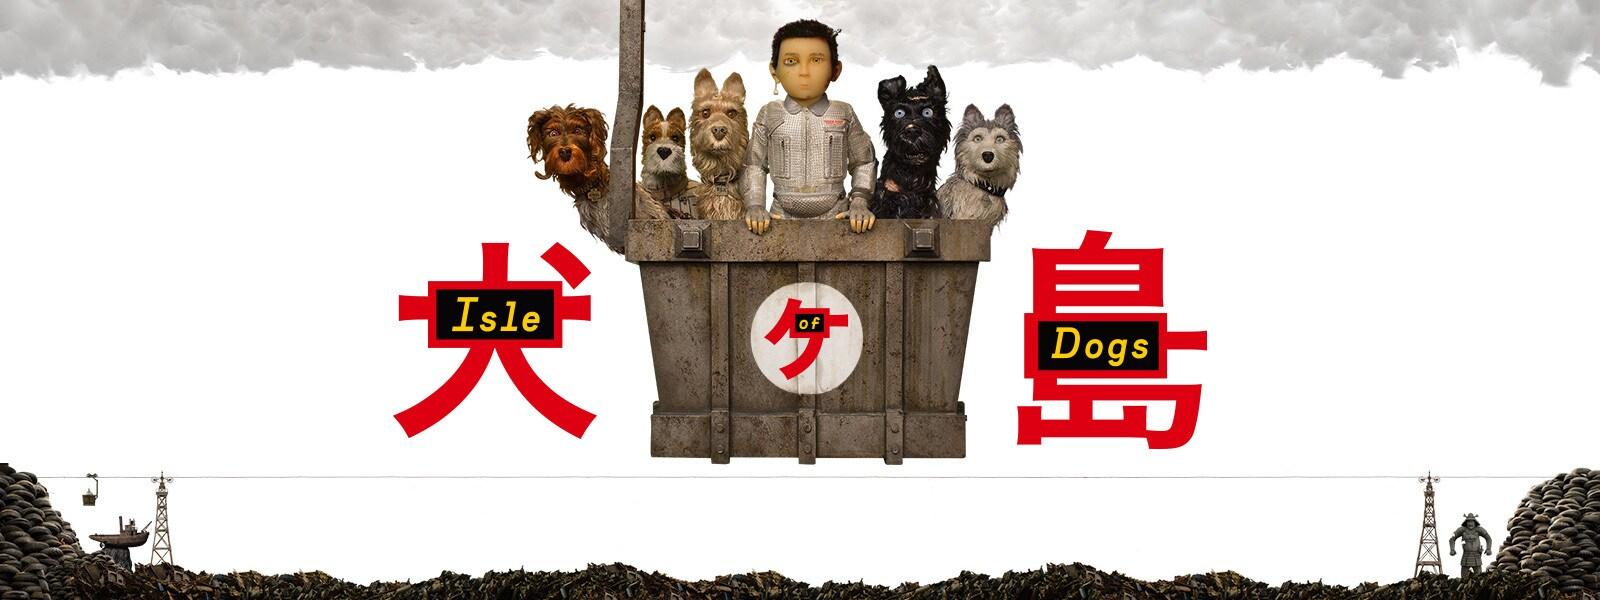 犬ヶ島 Isle of Dogs Hero Object